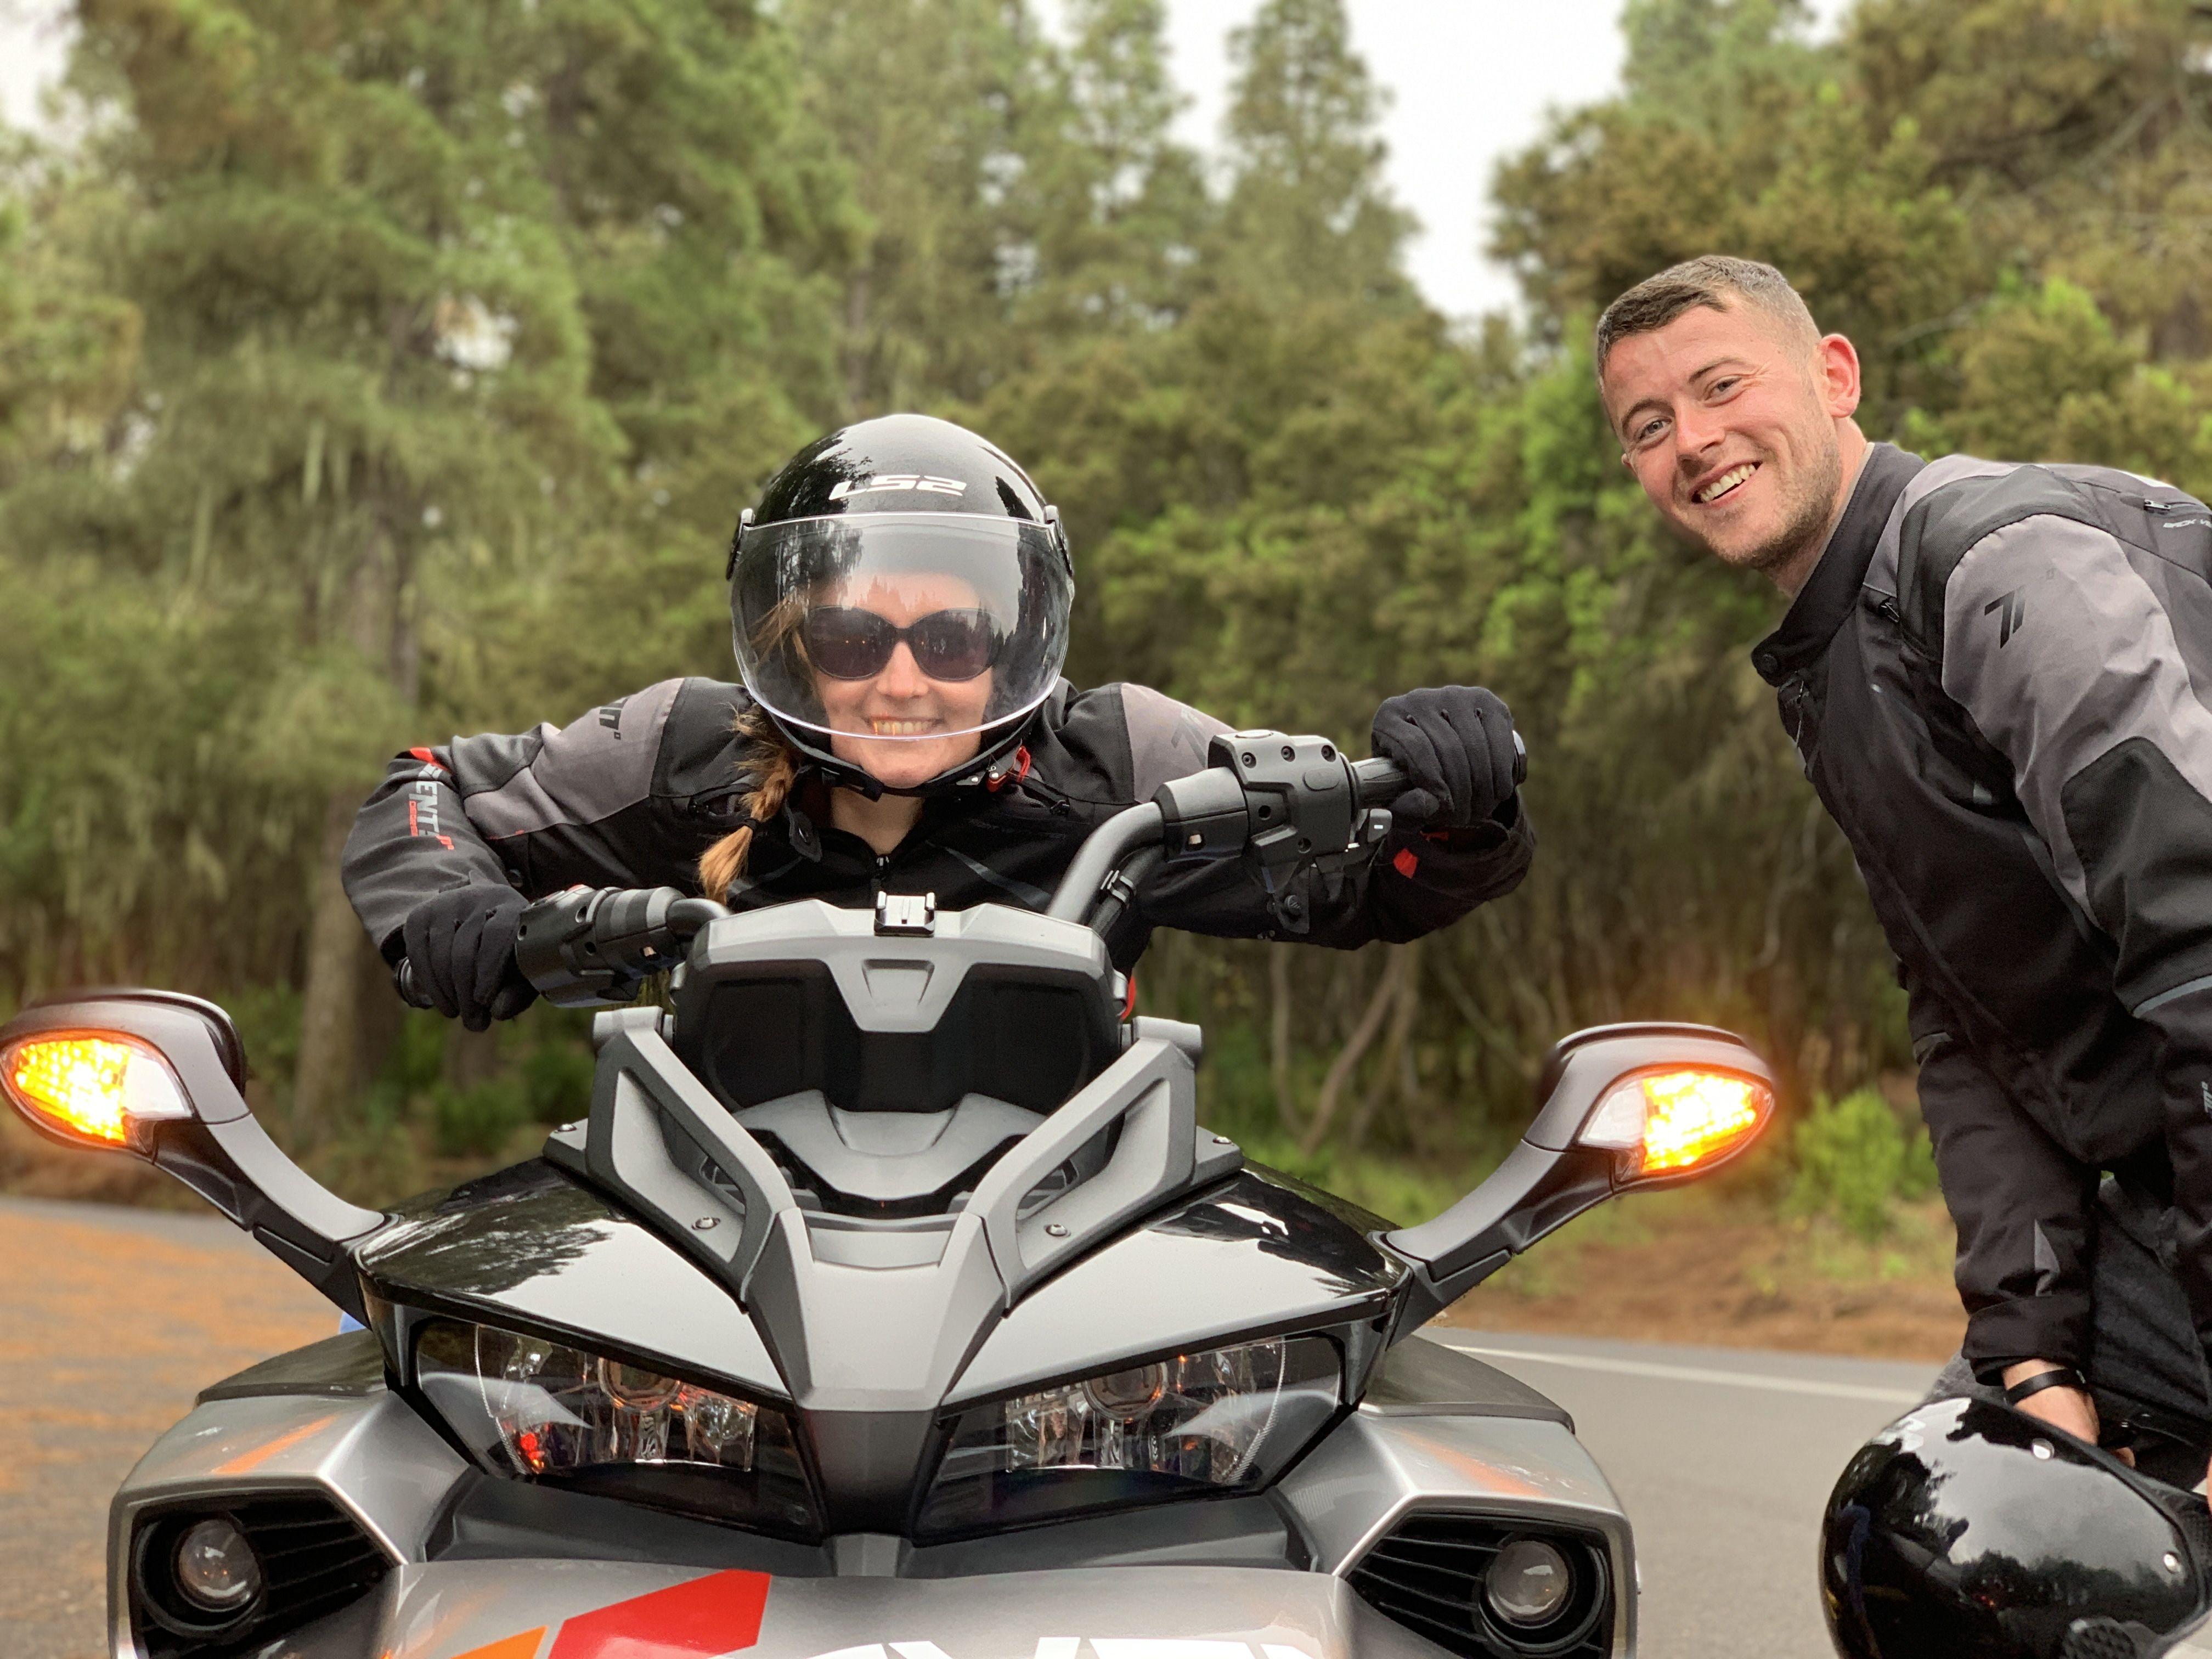 Vive una aventura conduciendo nuestras motos de tres ruedas